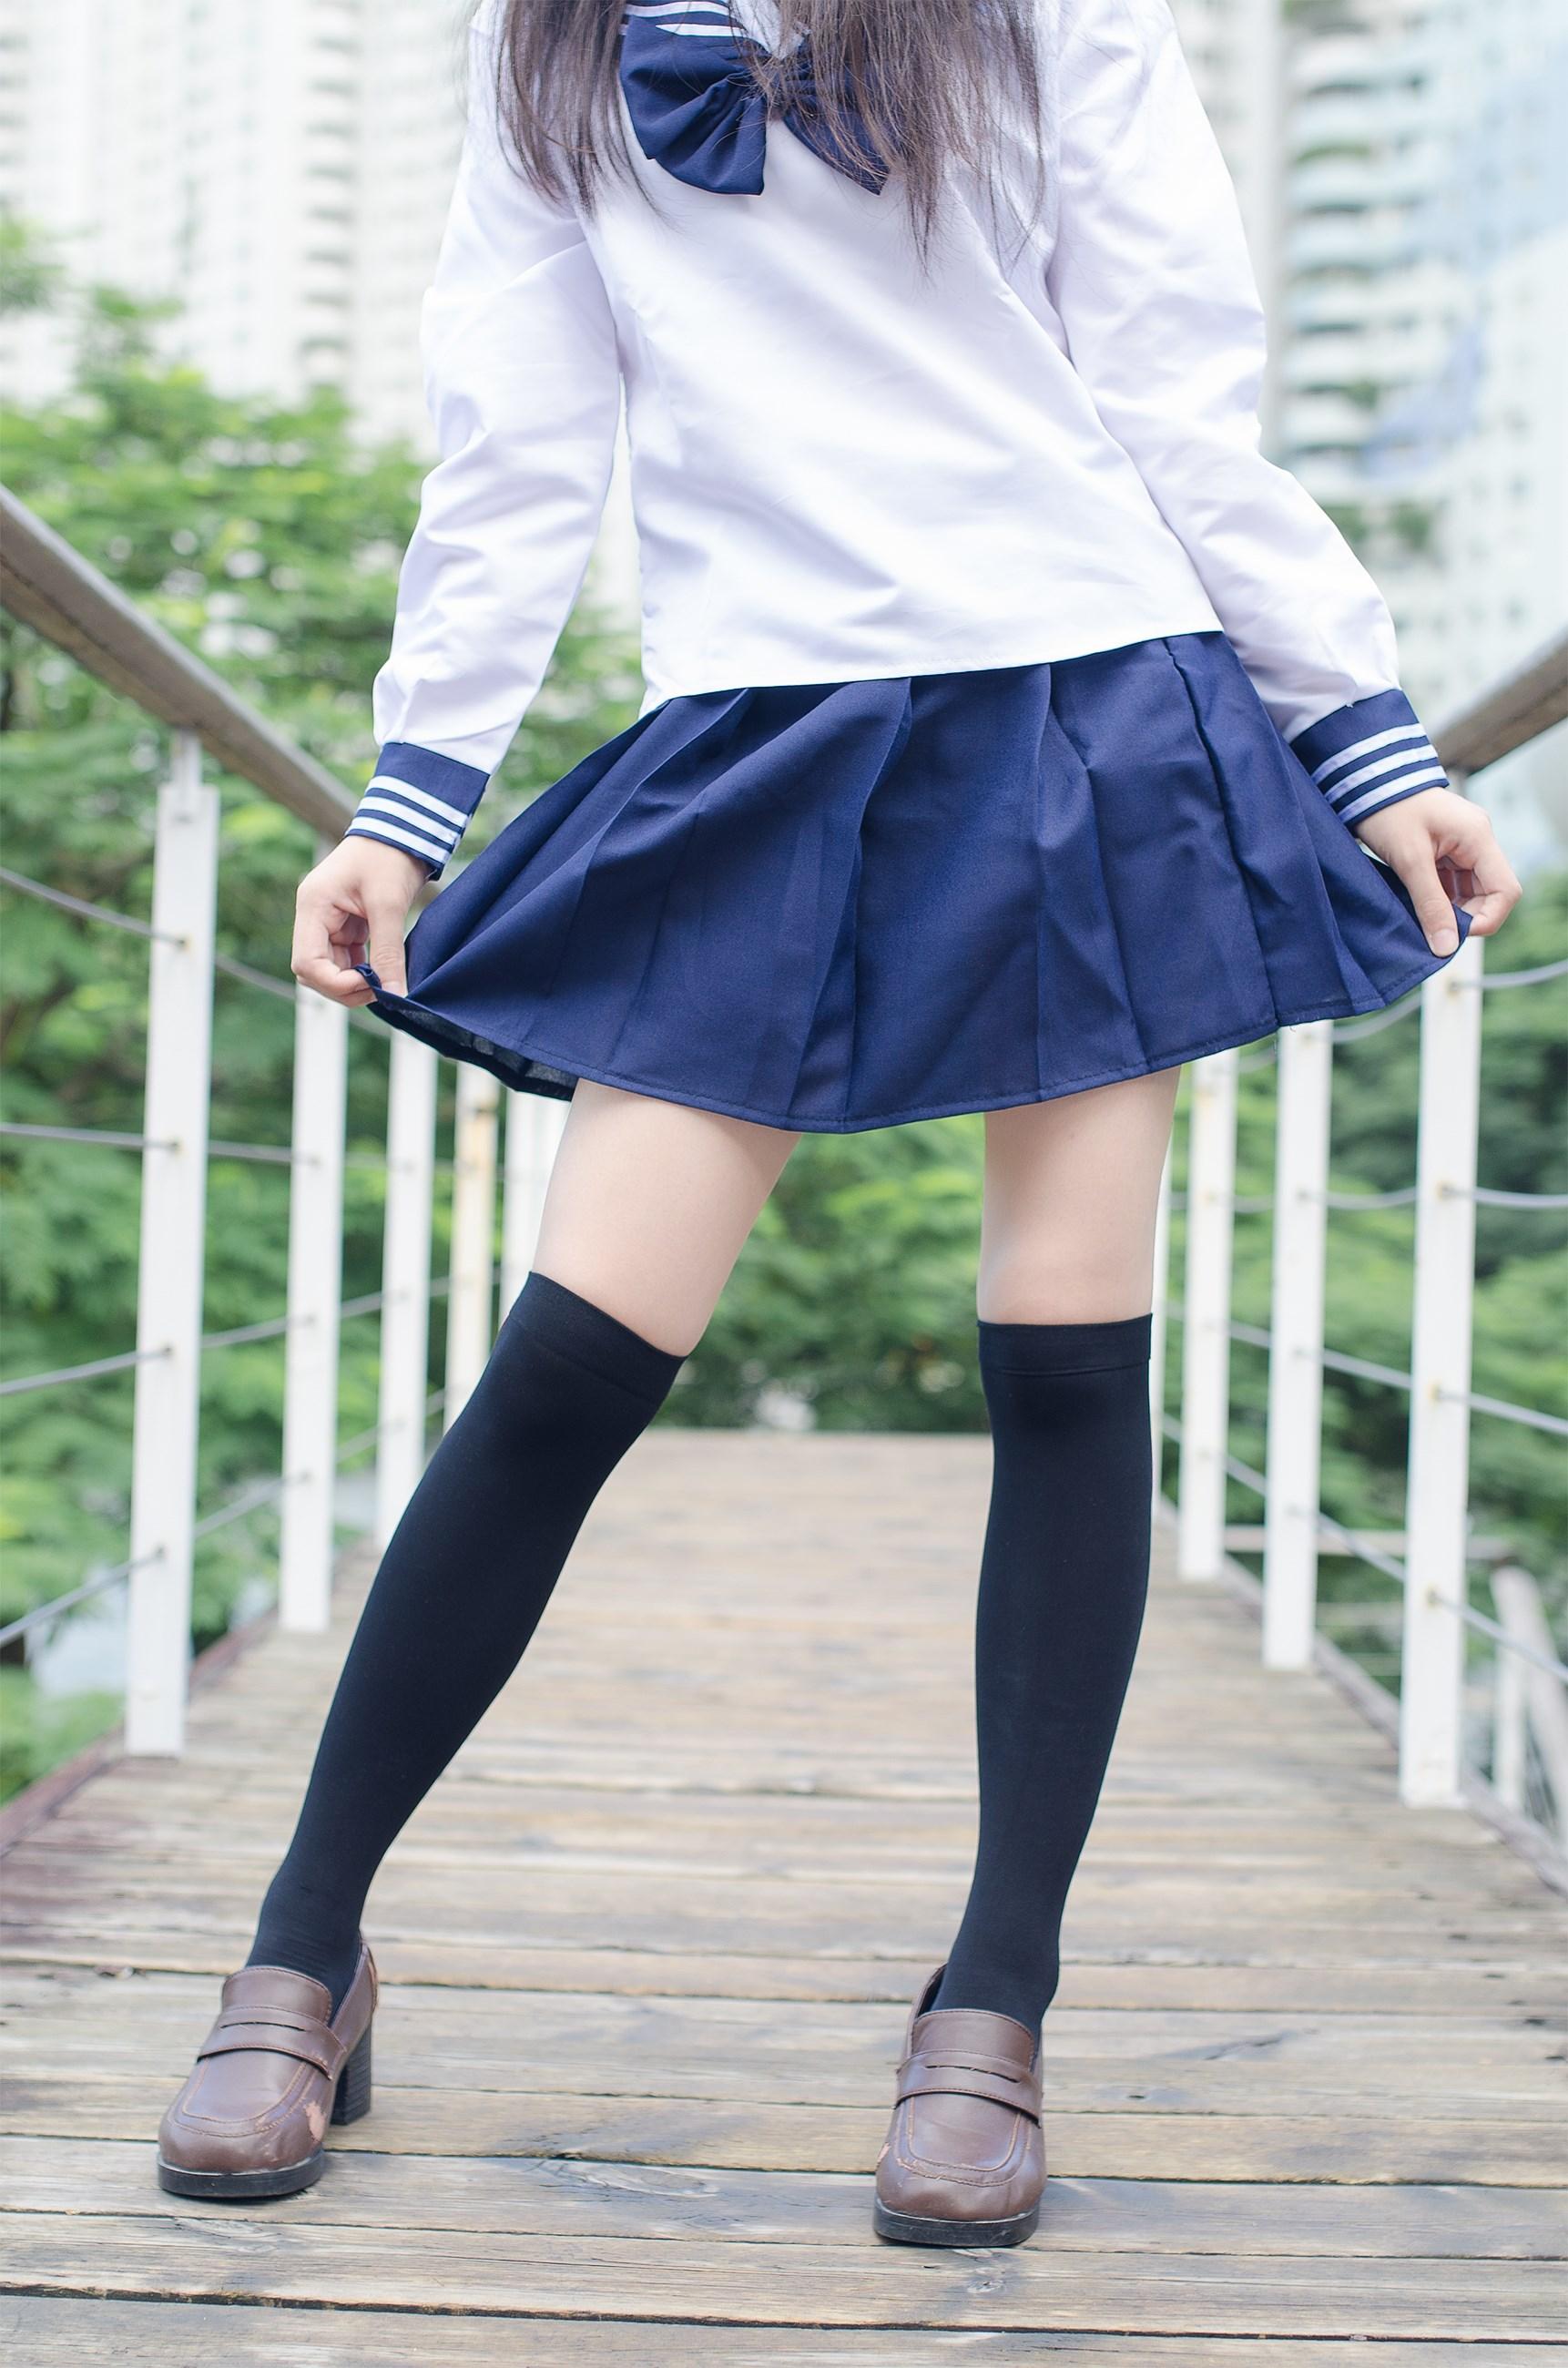 【兔玩映画】过膝袜 兔玩映画 第9张